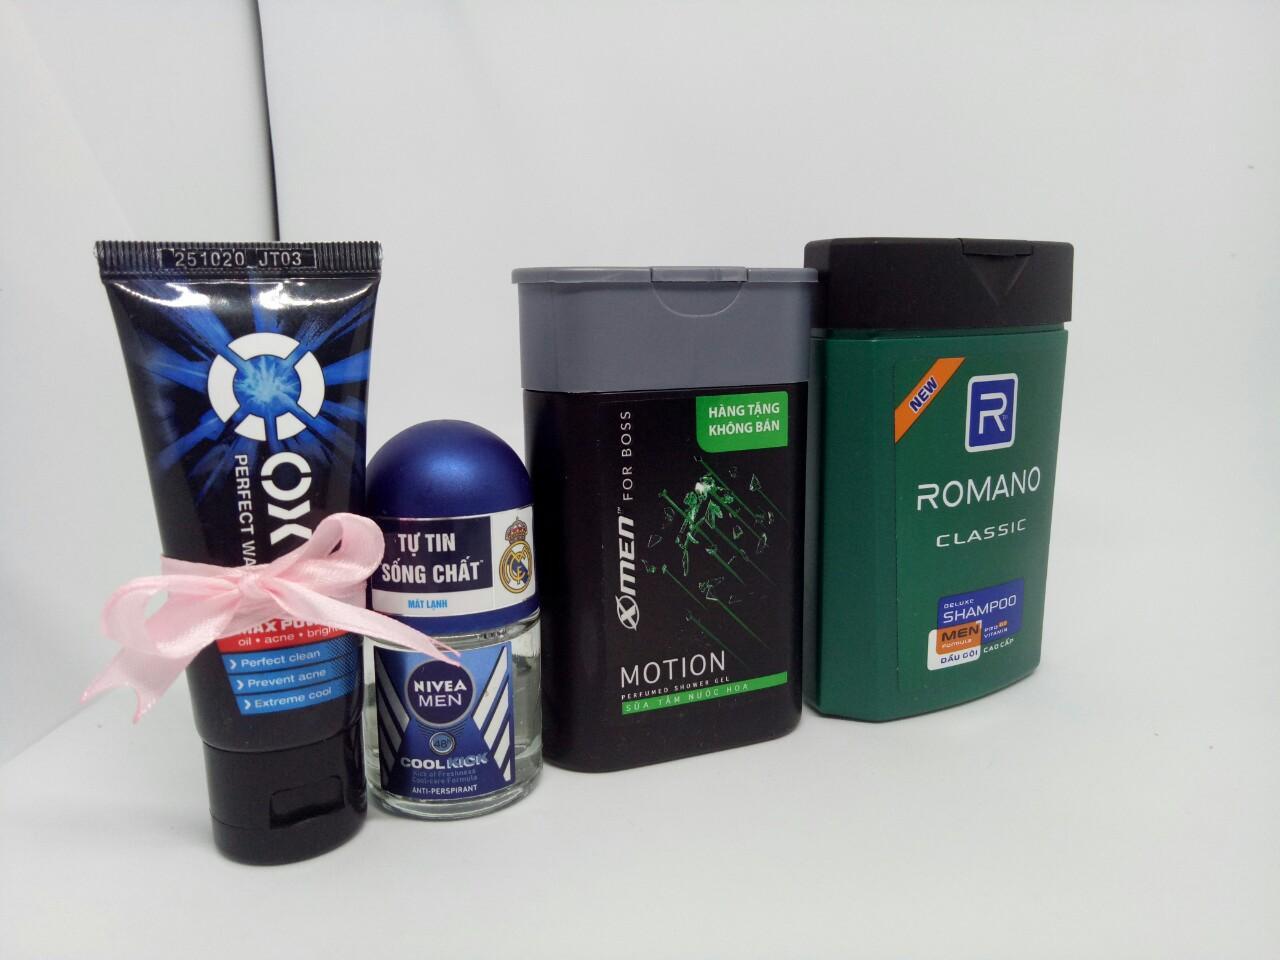 Trọn bộ 4 món dành cho nam giới : 1chai Sữa tắm hương nước hoa Xmen + 1chai Dầu Gội Cao Cấp Cho Nam Romano Classic + 1chai Lăn khử mùi Nivea + Tặng 1tuýt sữa rửa mặt oxy & 1 túi đựng mỹ phẩm chính hãng